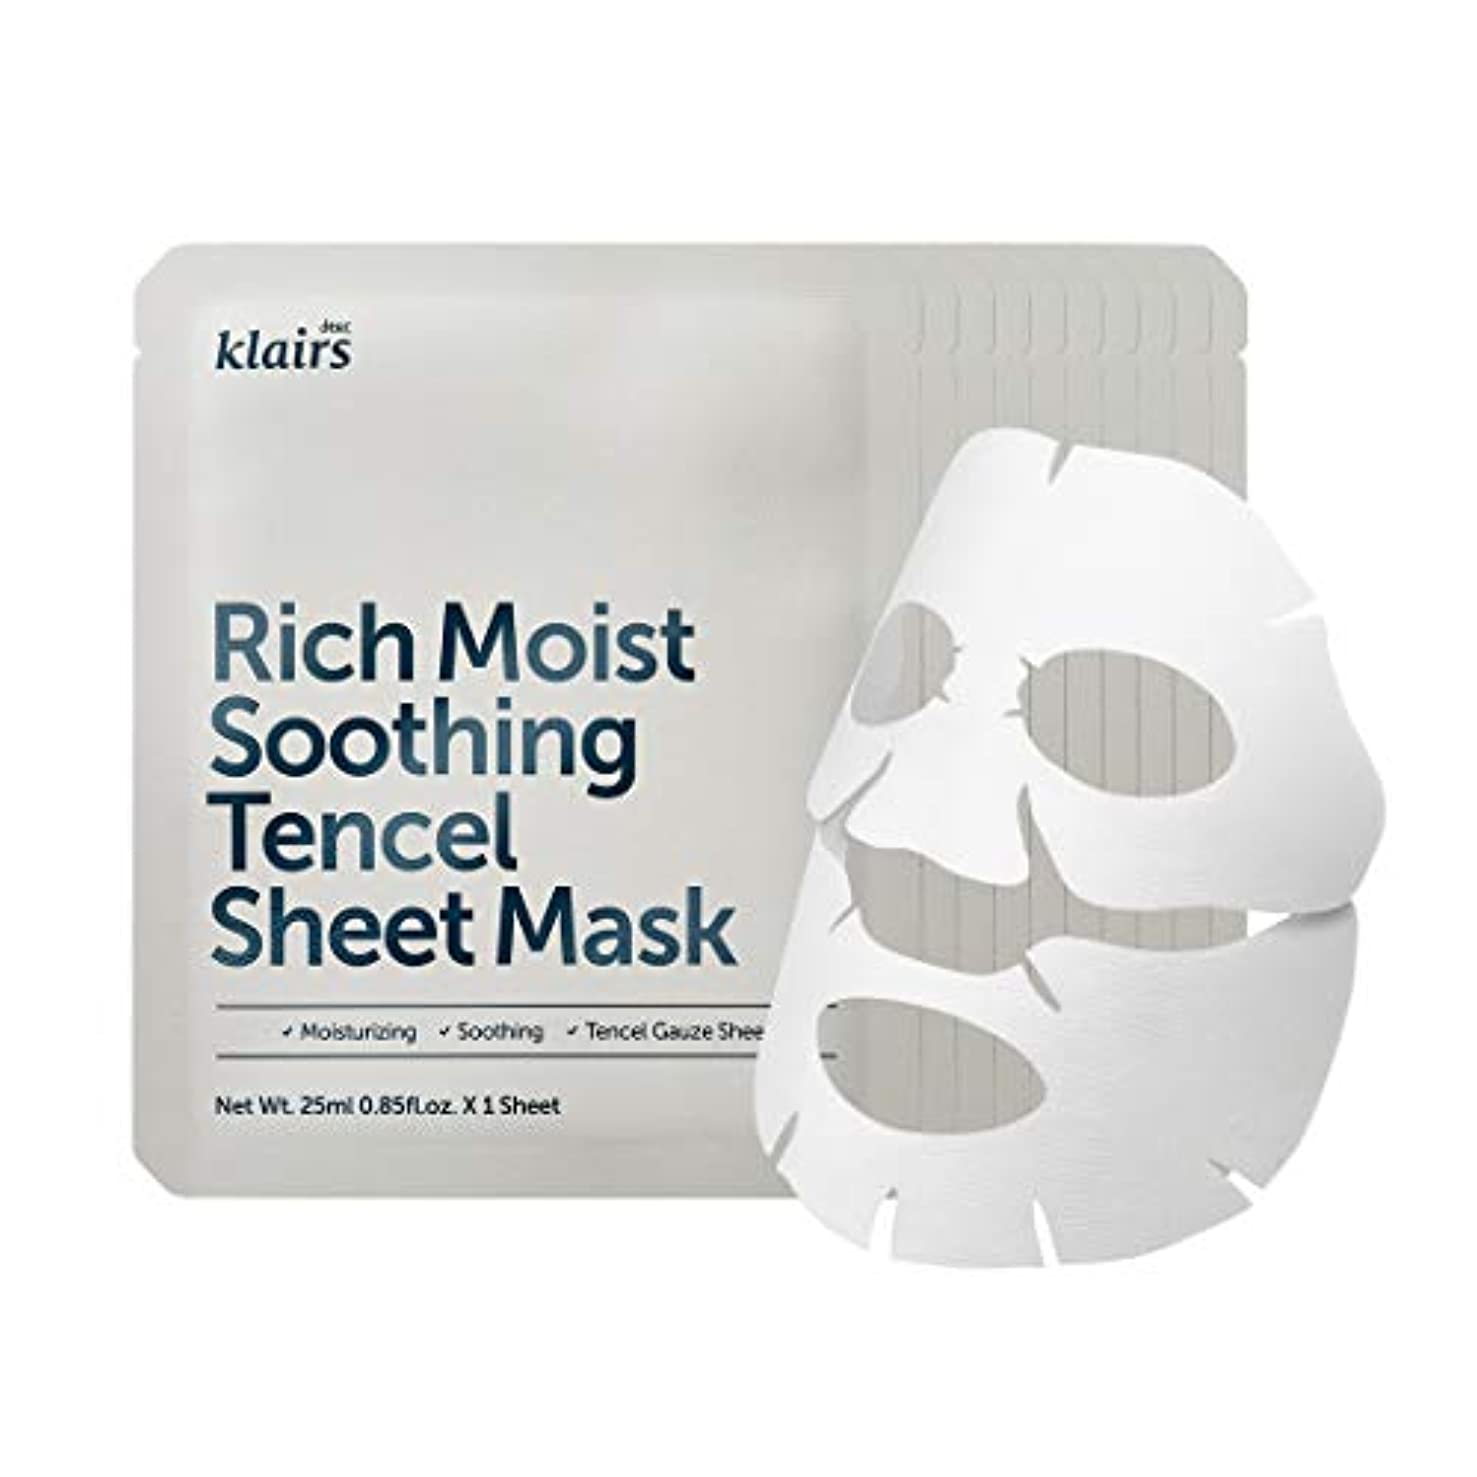 週間信頼直径クレアスリッチモイストスージングテンセルシートマスク25mlX10枚セット (Klairs Rich Moist Soothing Tencel Sheet Mask 25mlX10ea) [並行輸入品]